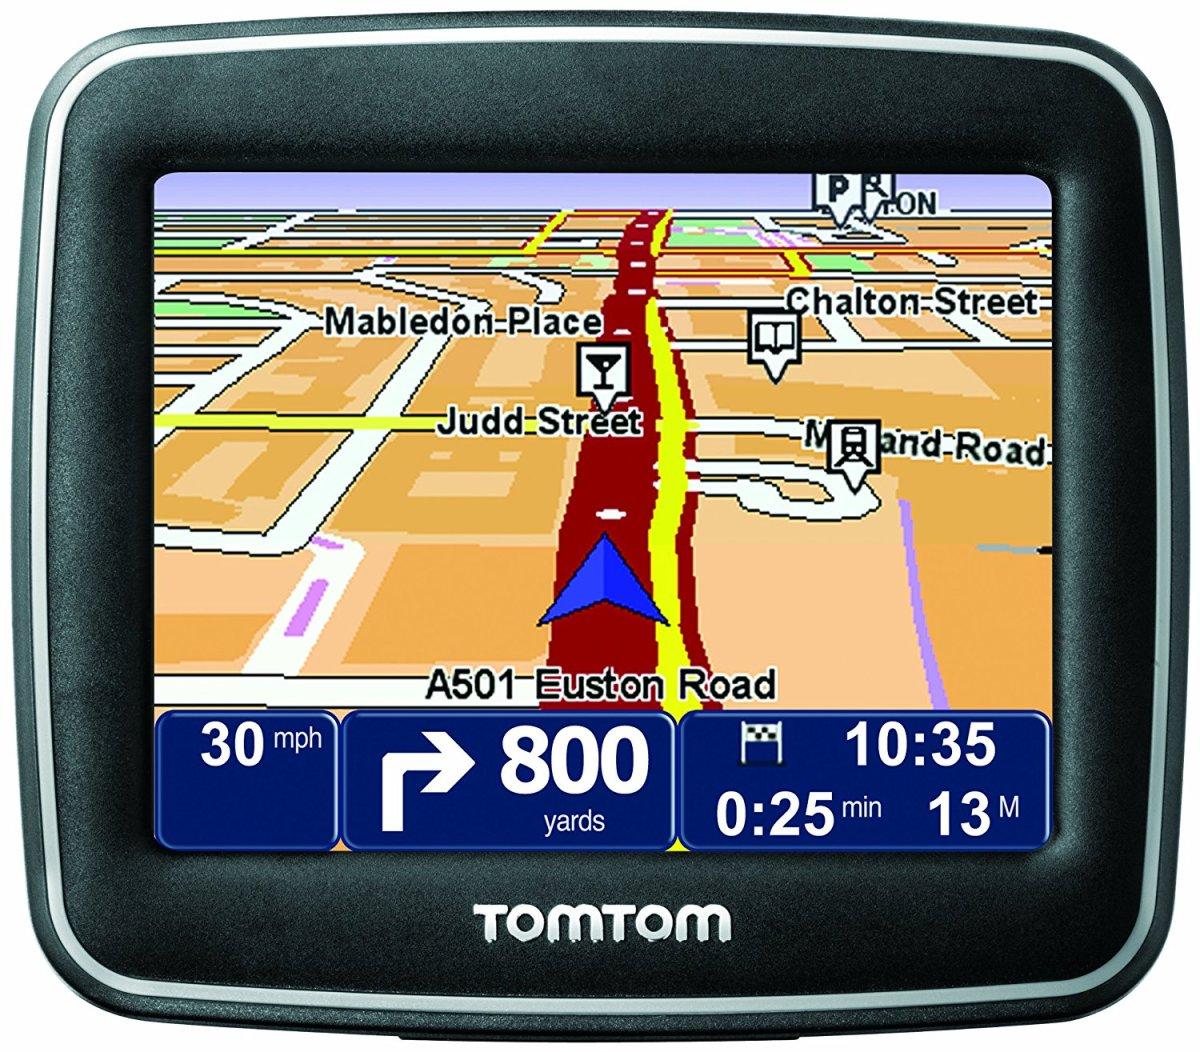 TomTom: starší navigace již podporovat nebudeme. Starší navigace podporovat budeme.